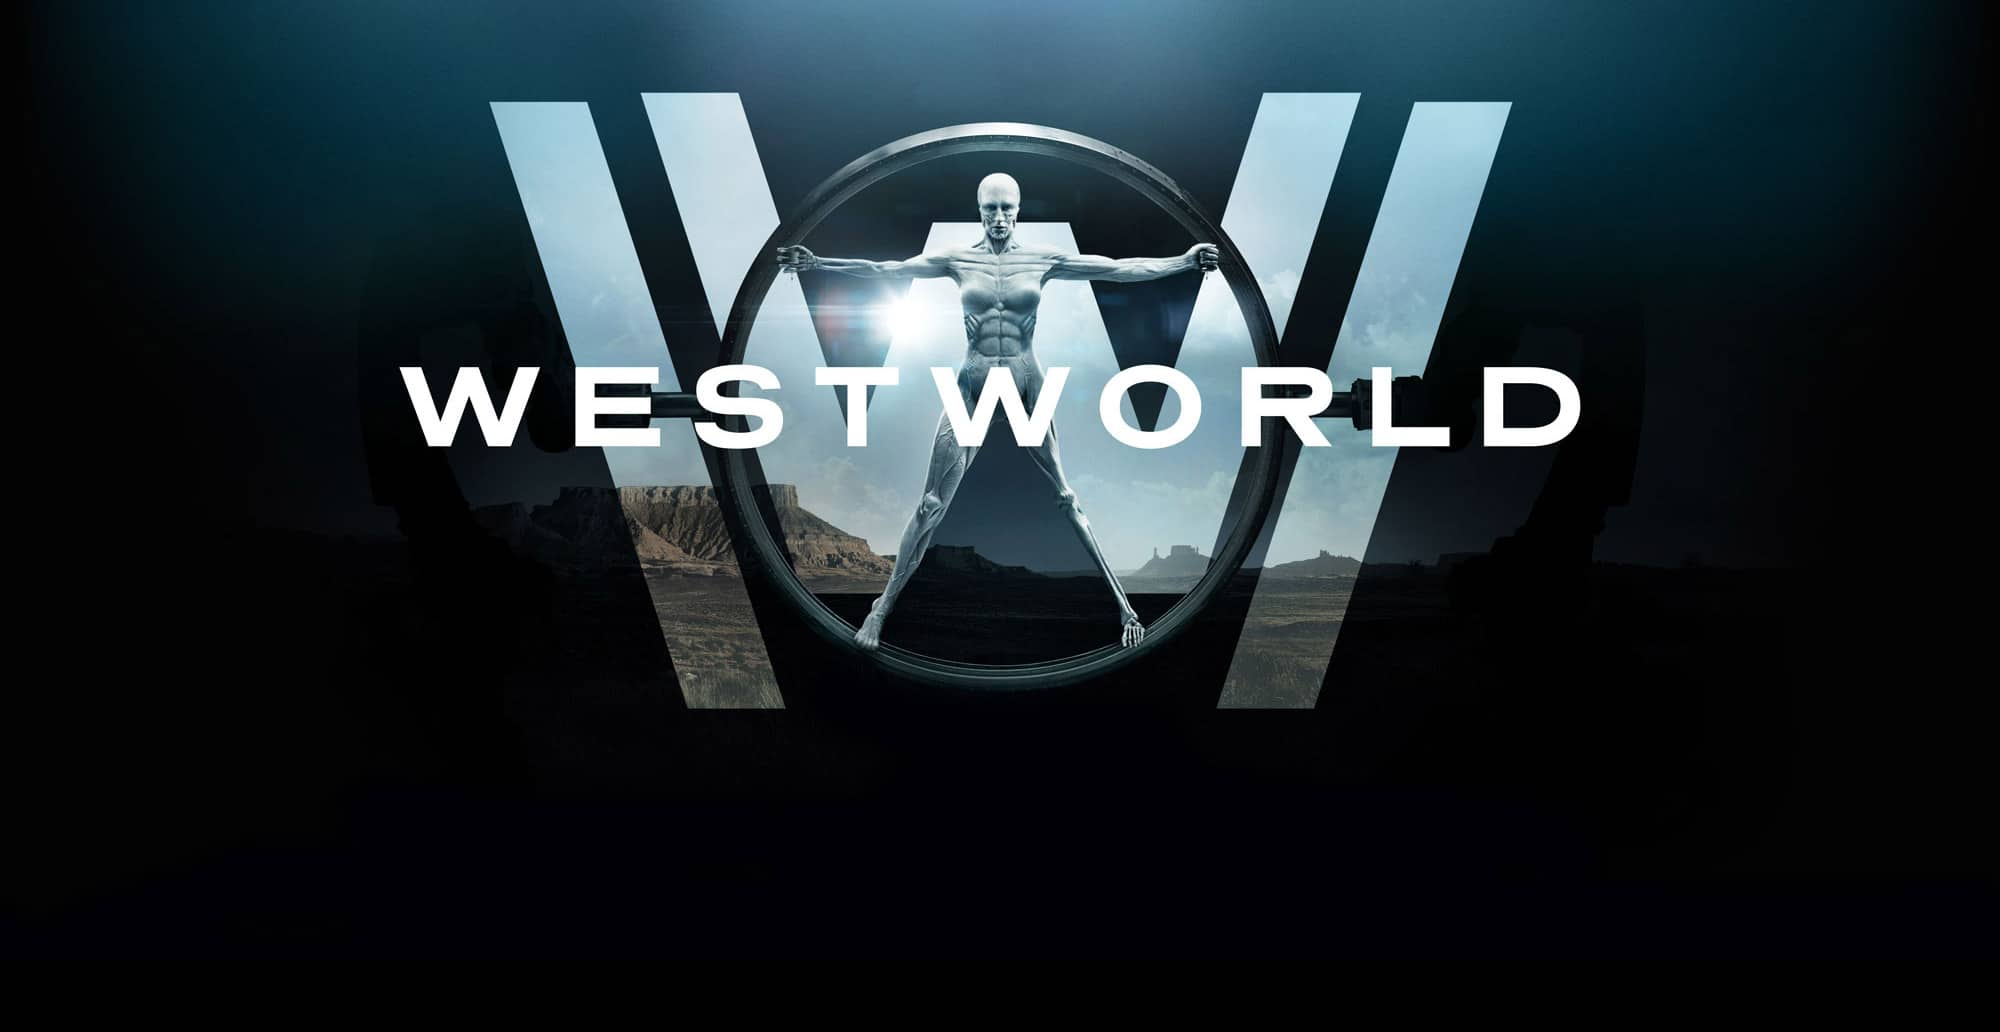 Συγγραφέας του Westworld στο Last of Us: Part 2 - videogamer.gr